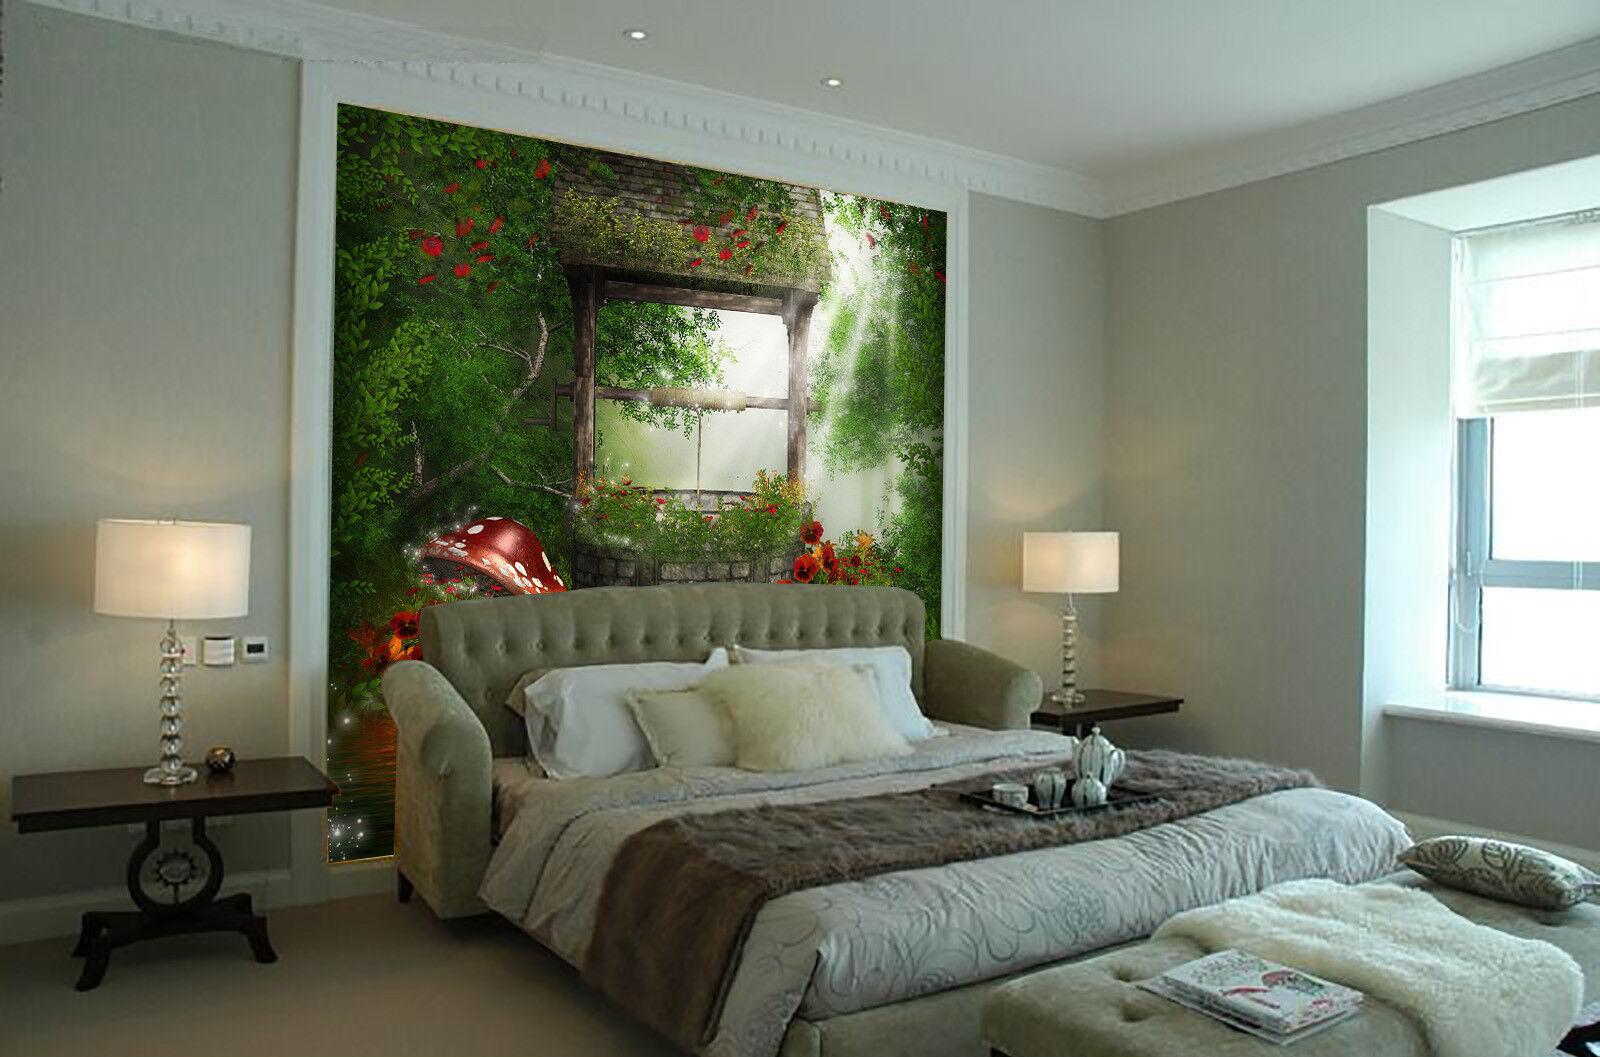 3D Pilz Blaumen Fenster 755 Tapete Wandgemälde Tapete Tapeten Bild Familie DE | Niedriger Preis und gute Qualität  | Die Farbe ist sehr auffällig  | Niedriger Preis und gute Qualität